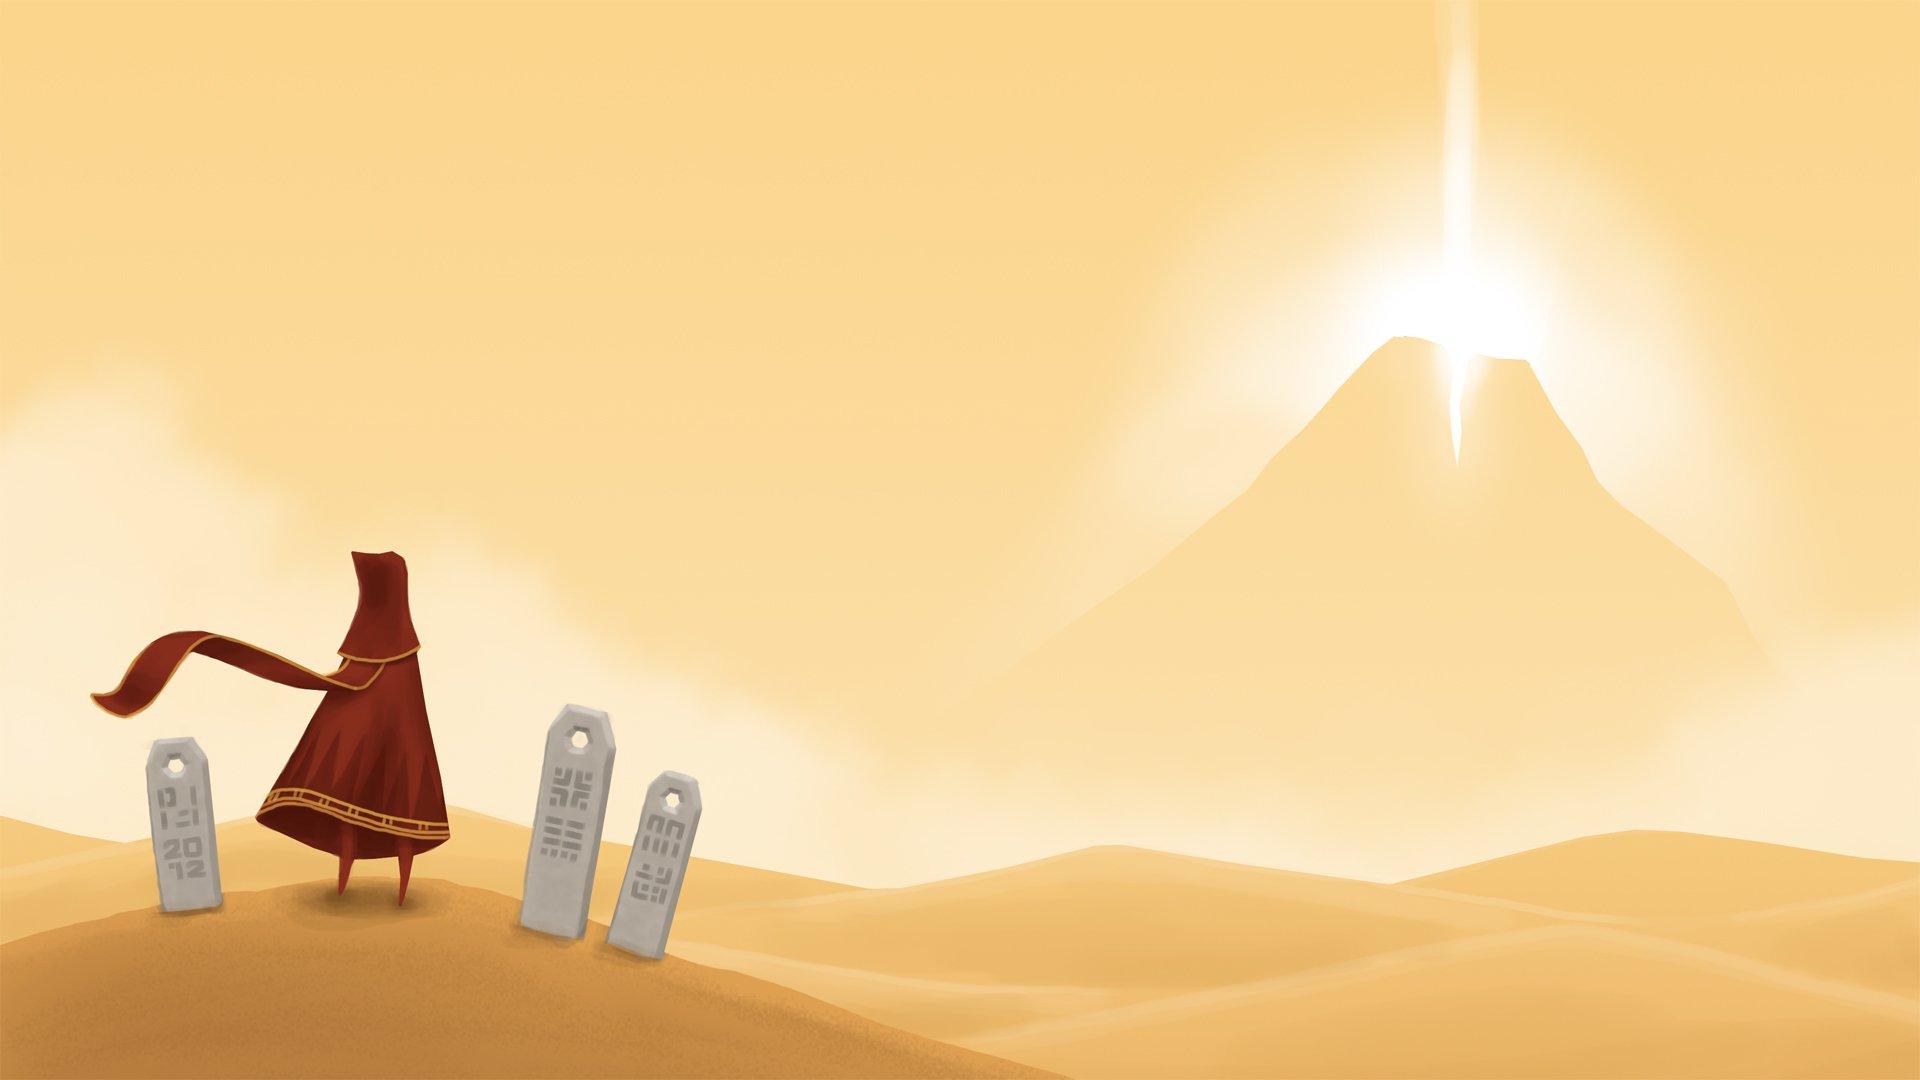 Los desarrolladores de Journey hablan sobre la necesidad de introducir  menos micropagos en los juegos - HobbyConsolas Juegos